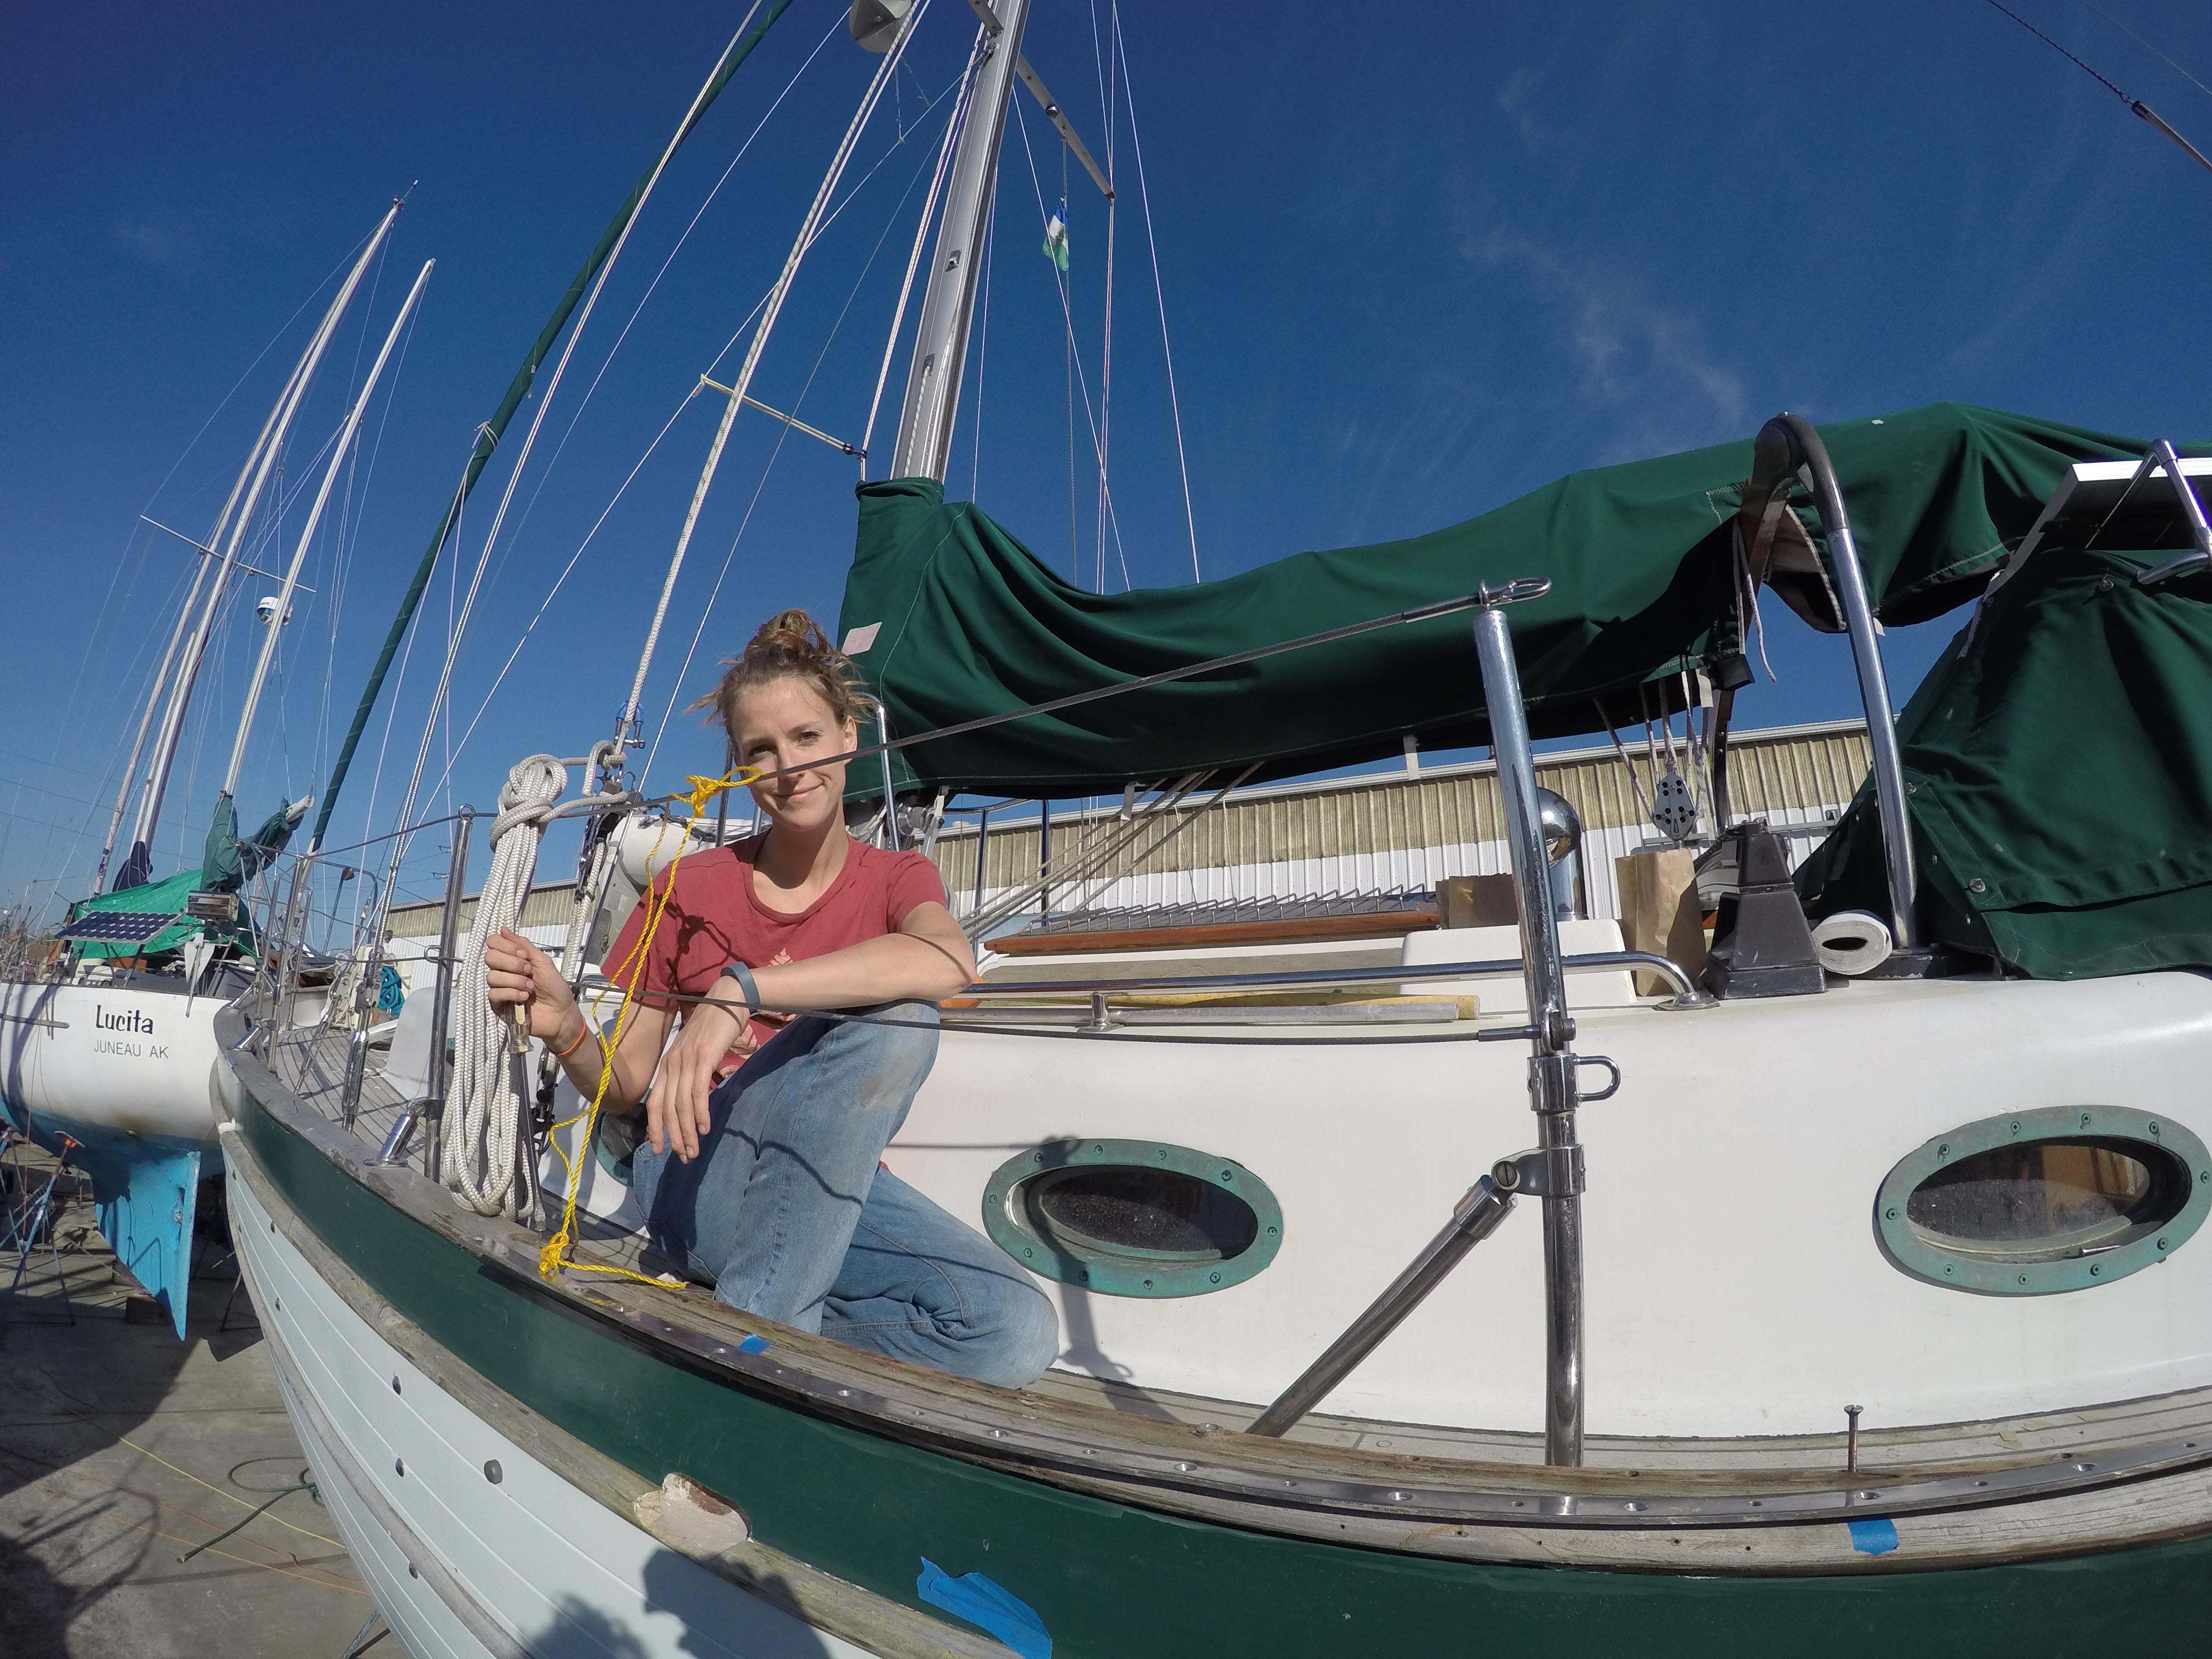 union 26, sailboat, jib track, leaking bulwark